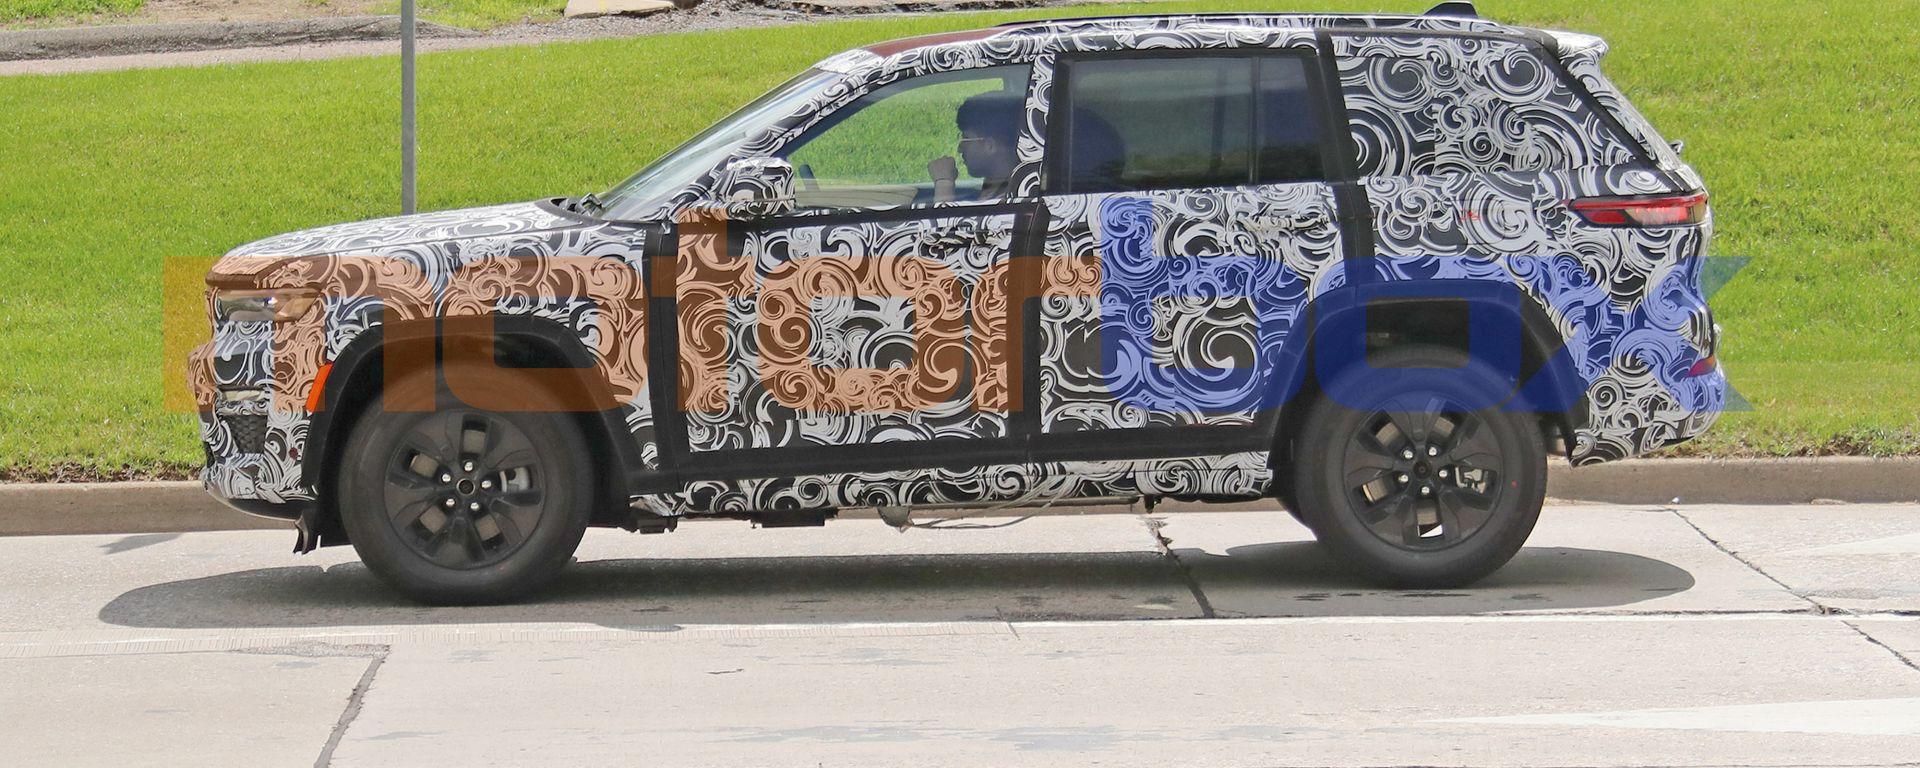 Nuova Jeep Grand Cherokee passo corto 4xe: quasi pronta al debutto la 4x4 americana